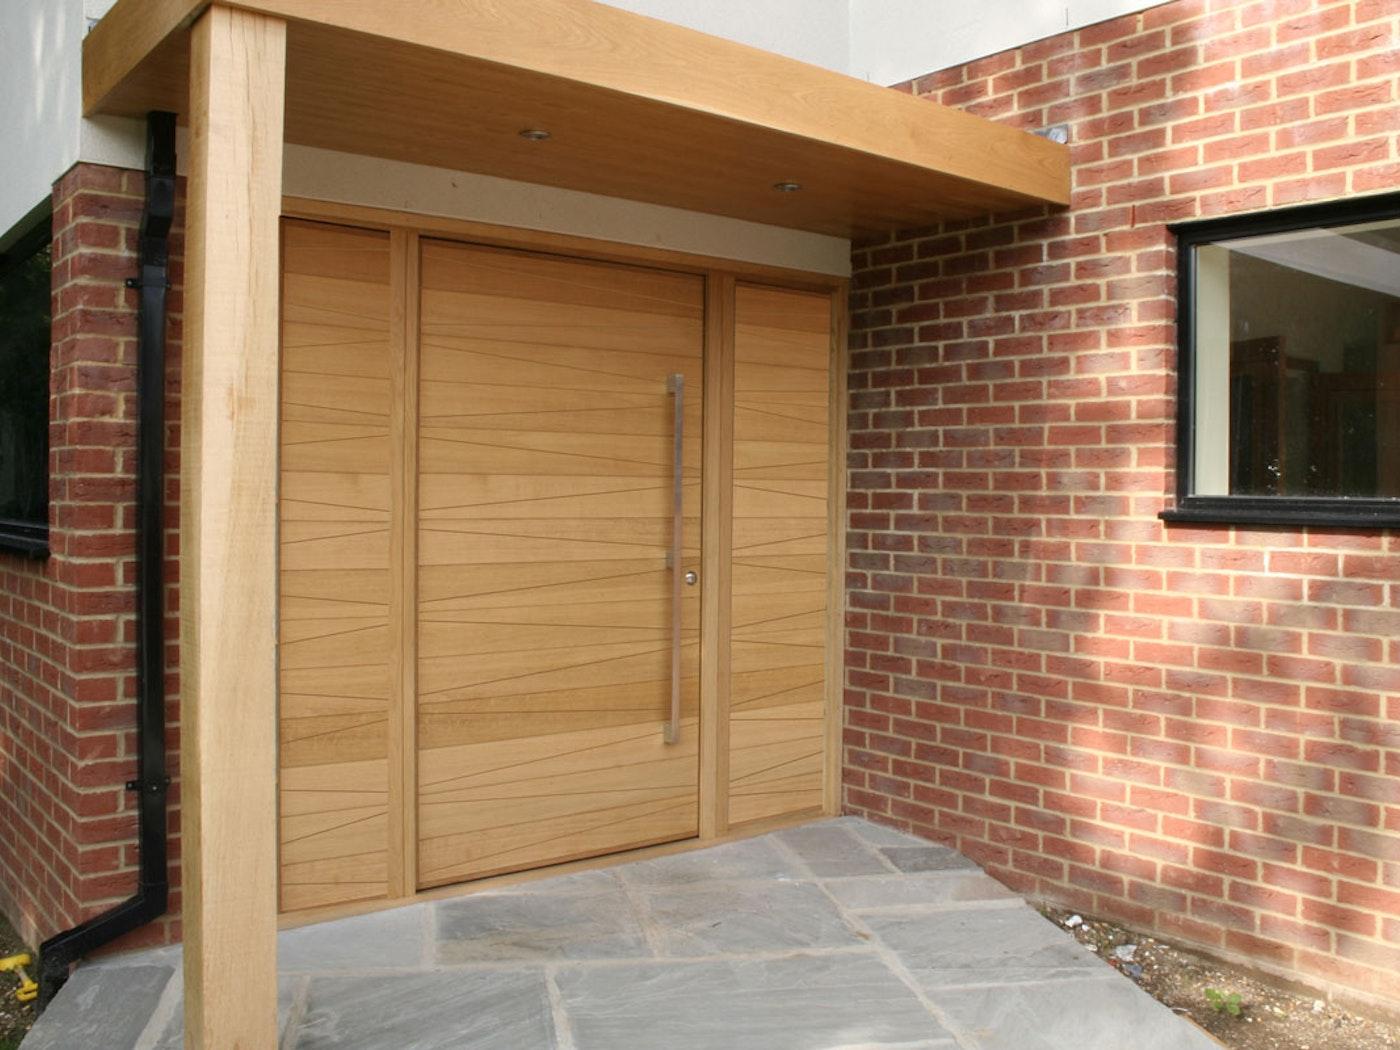 Oak wood   Matching side panels   Milano front door